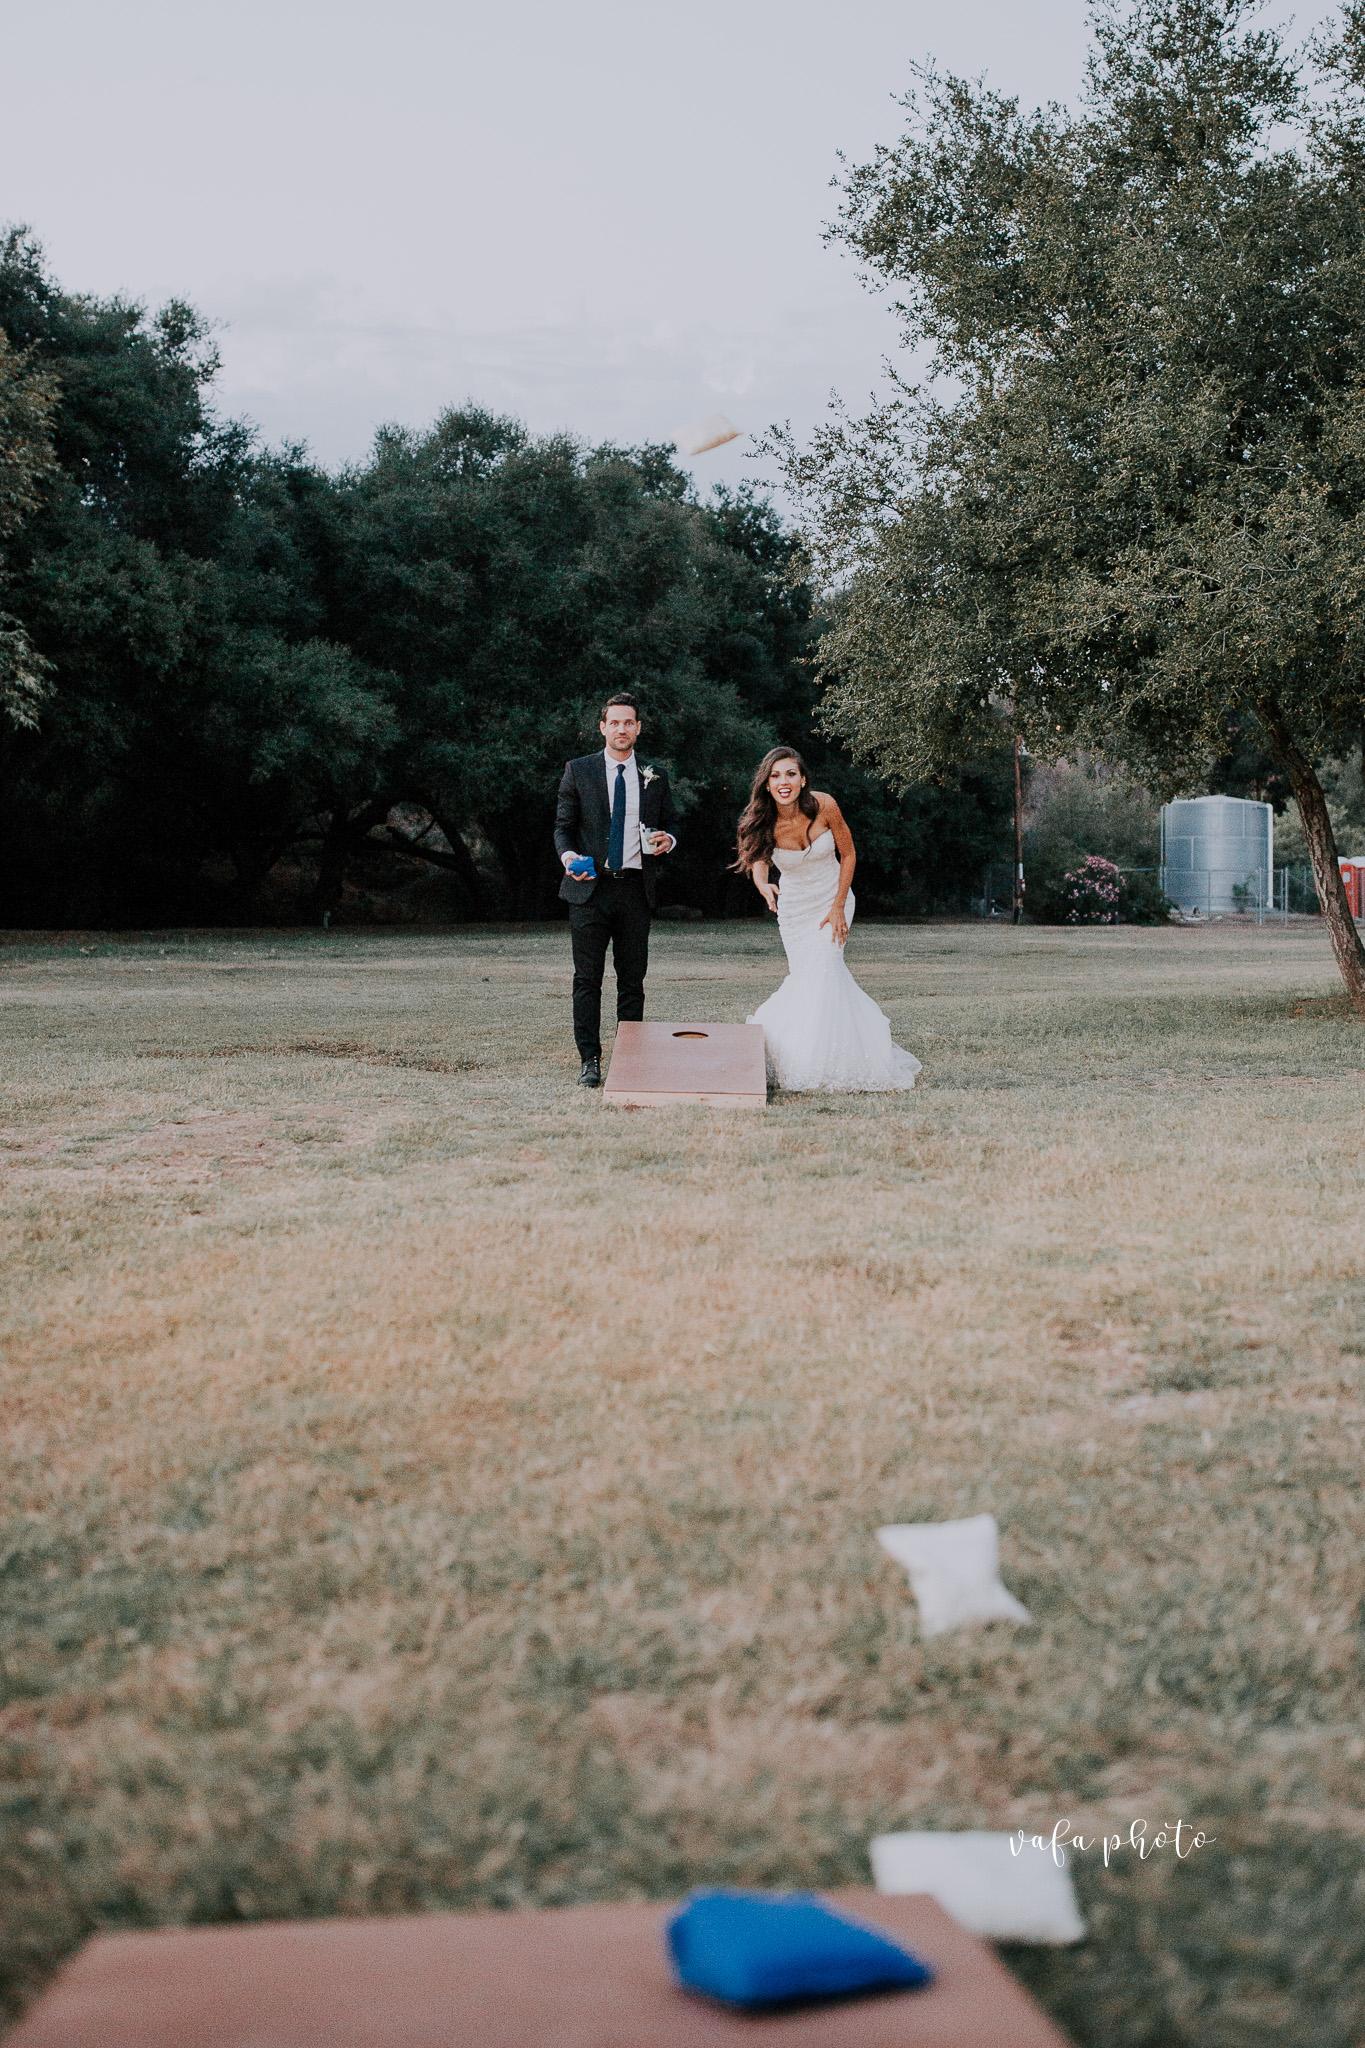 Southern-California-Wedding-Britt-Nilsson-Jeremy-Byrne-Vafa-Photo-857.jpg